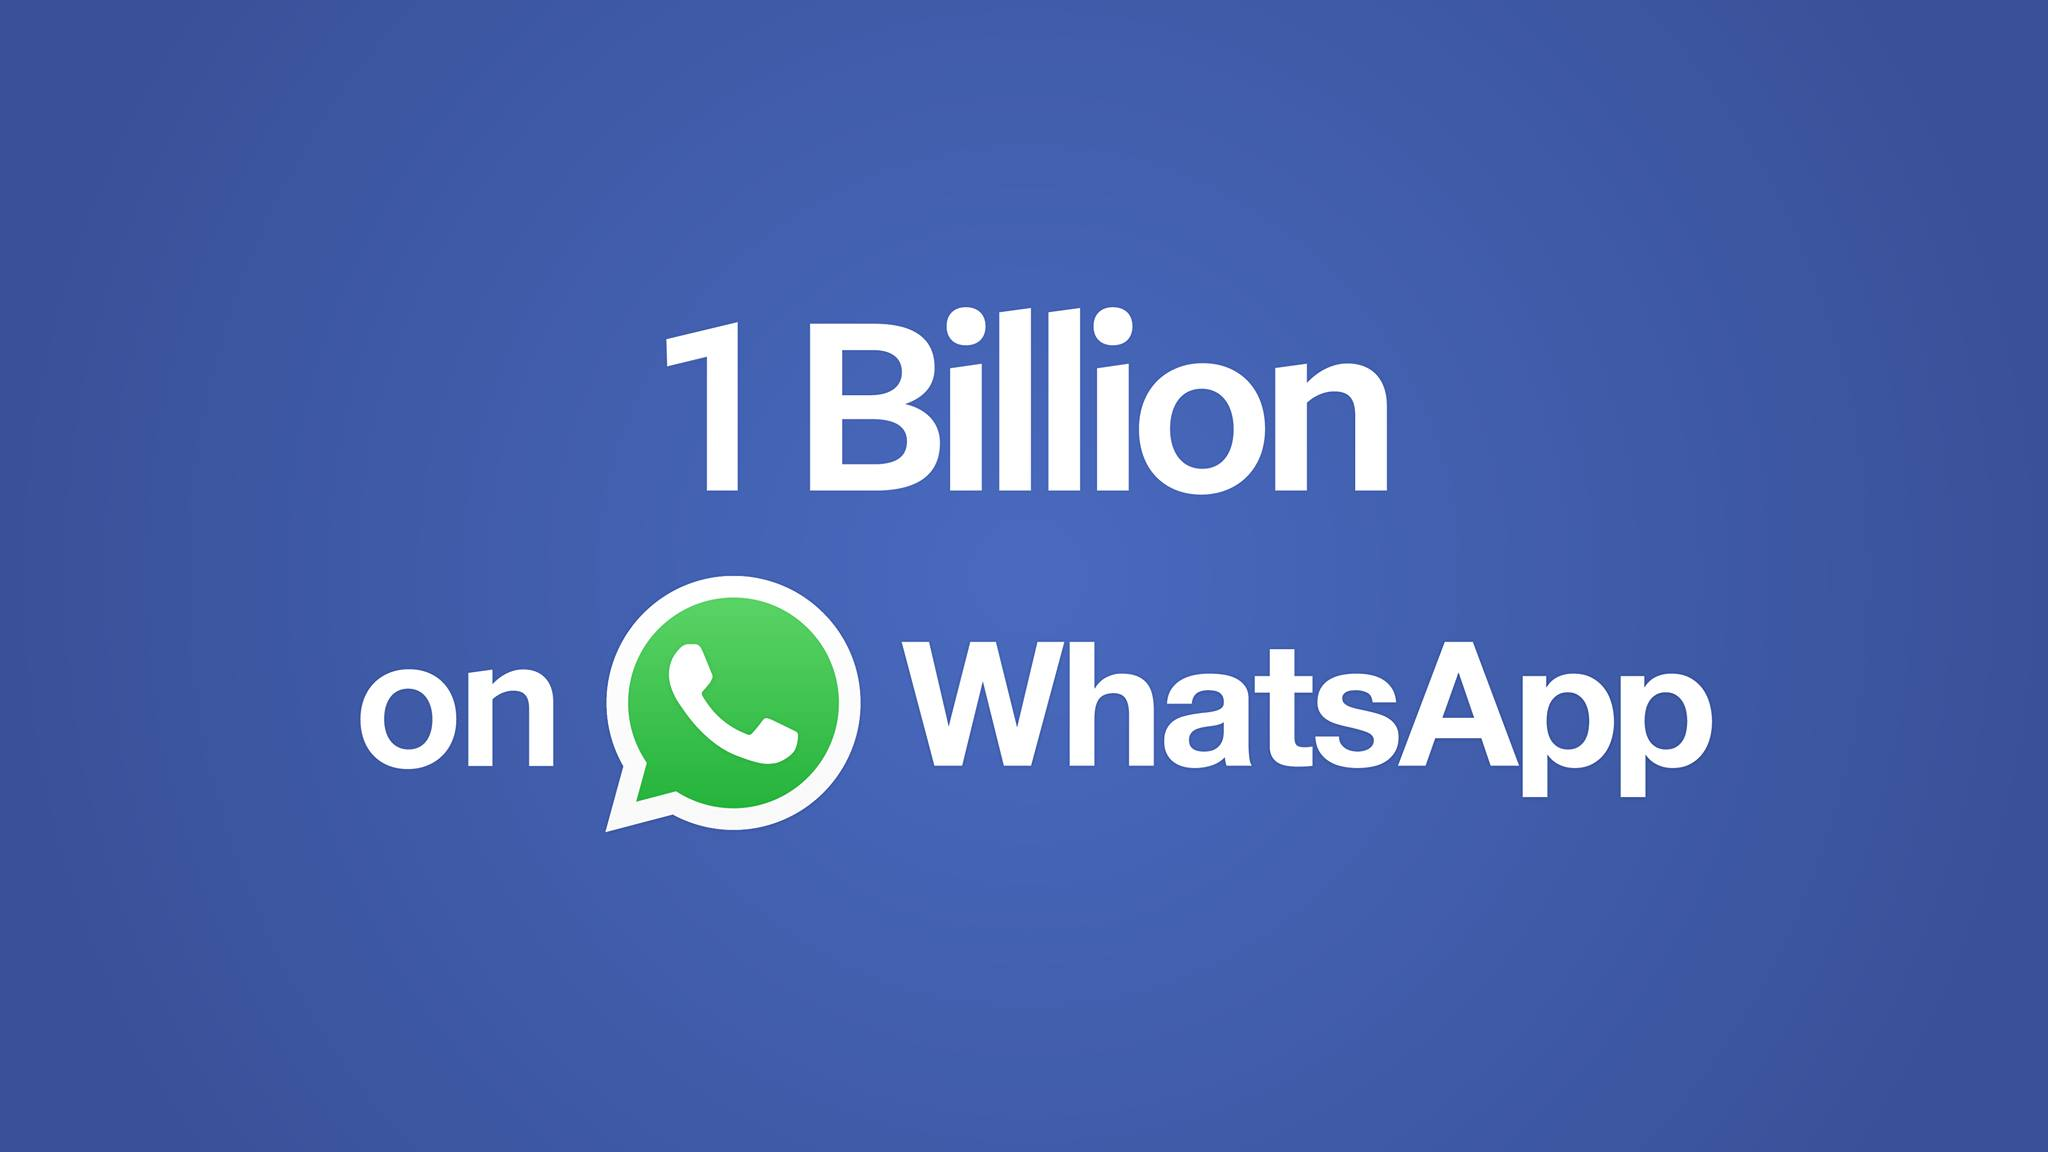 مسنجر WhatsApp روزانه ۱ میلیارد کاربر فعال دارد!